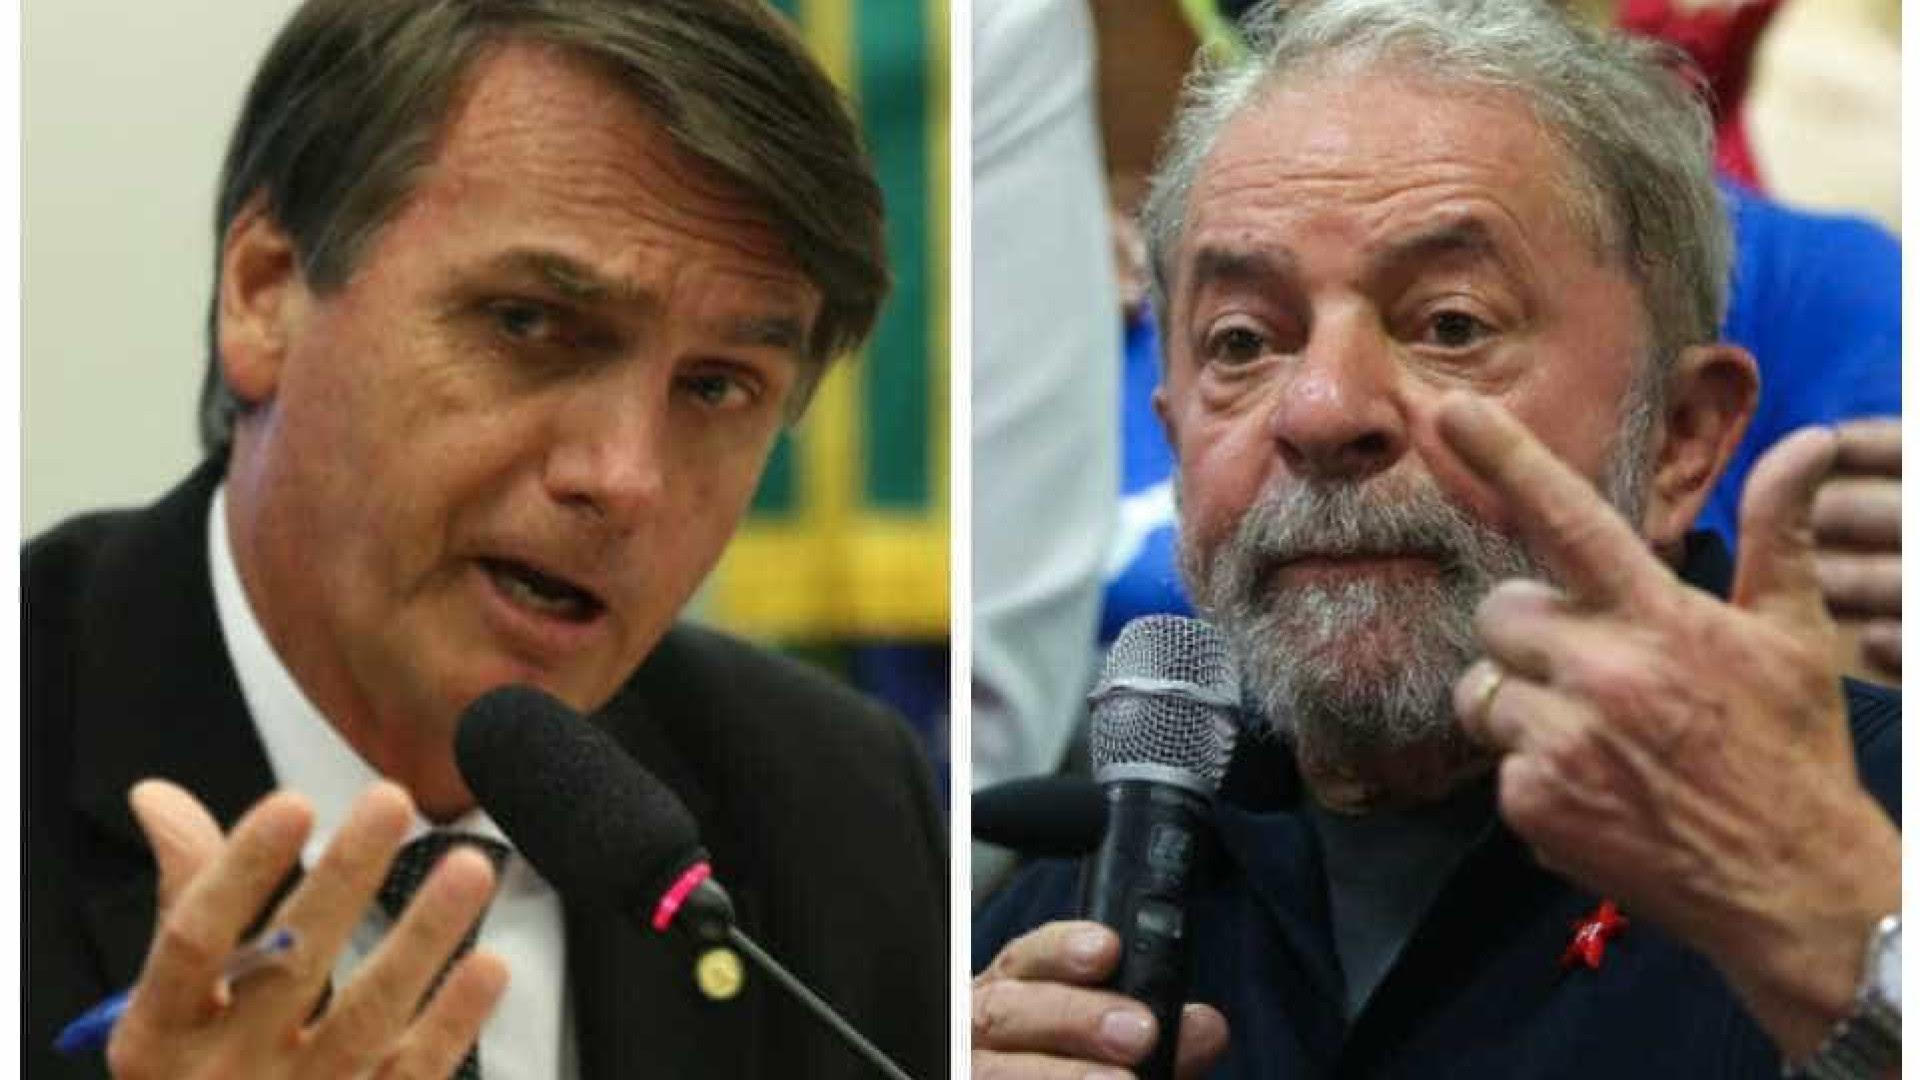 Datafolha: Lula teria quase dobro de votos de Bolsonaro no primeiro turno